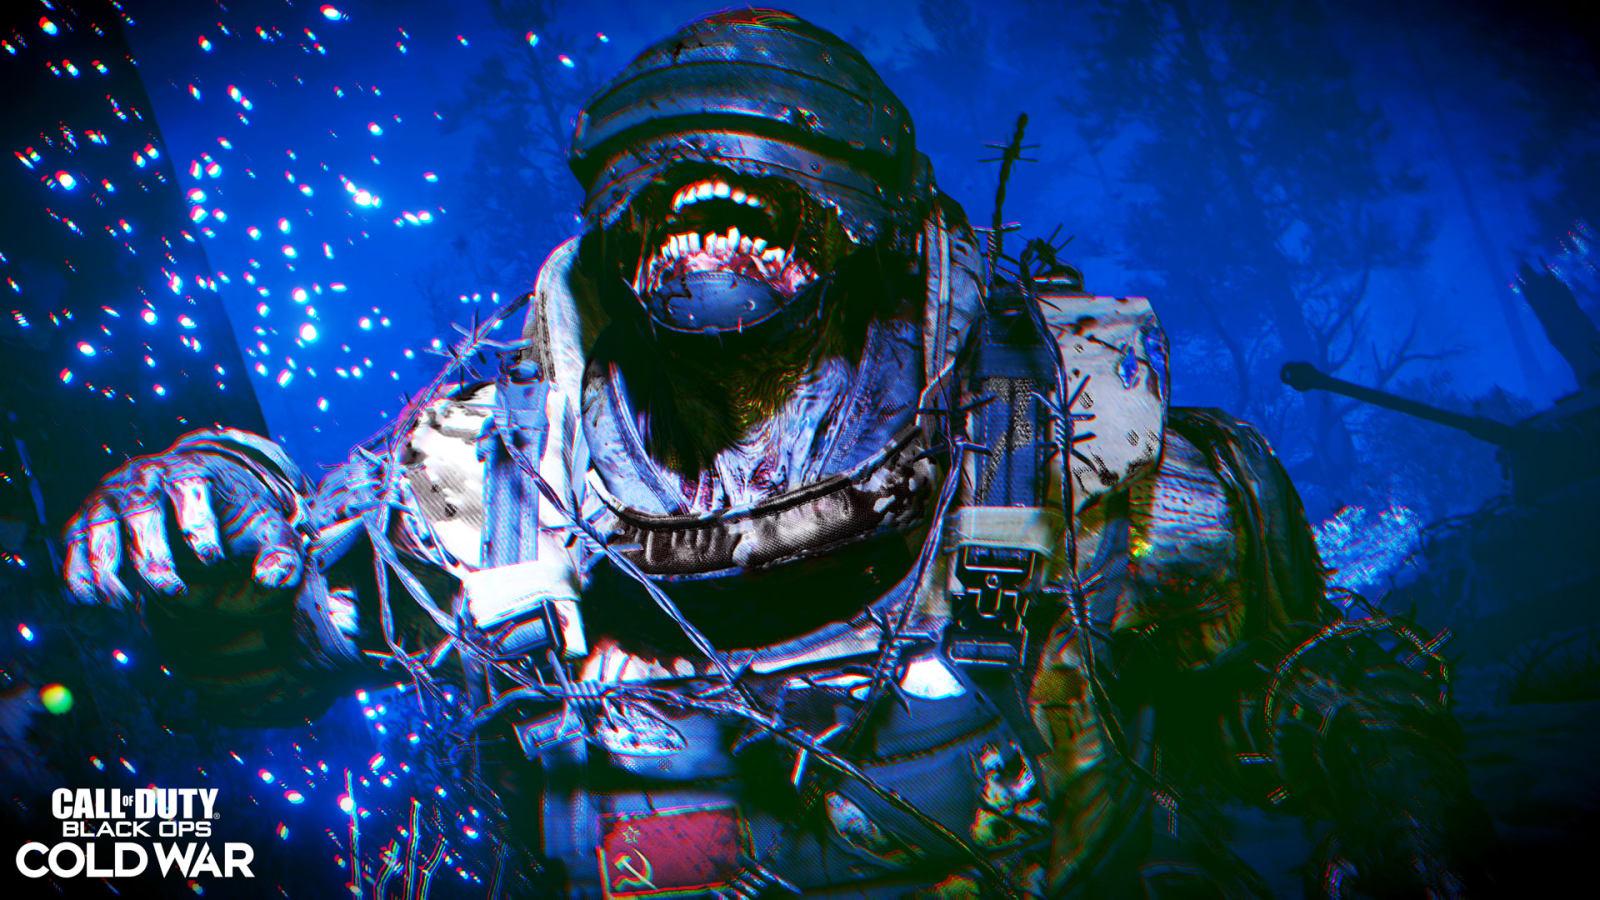 准备打僵尸!《使命召唤:黑色行动 冷战》僵尸模式正式公布